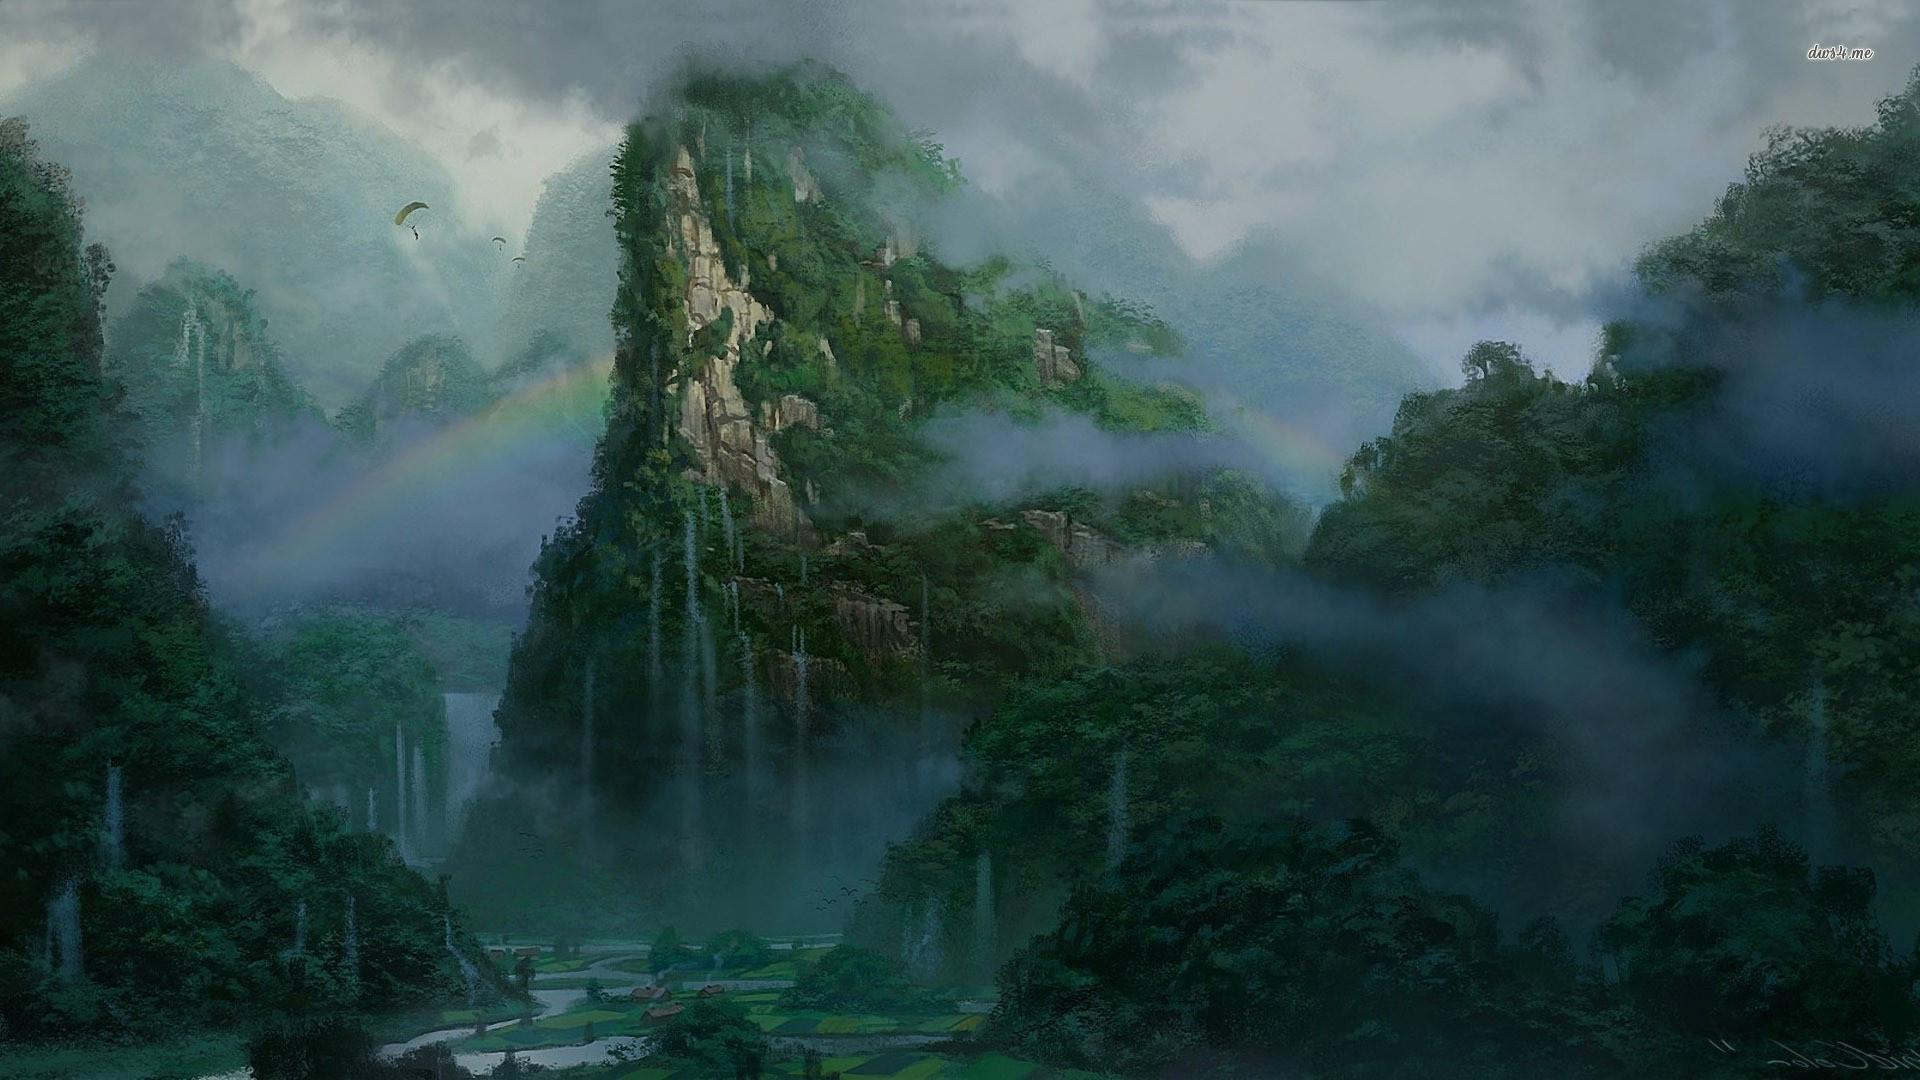 Misty alien jungle